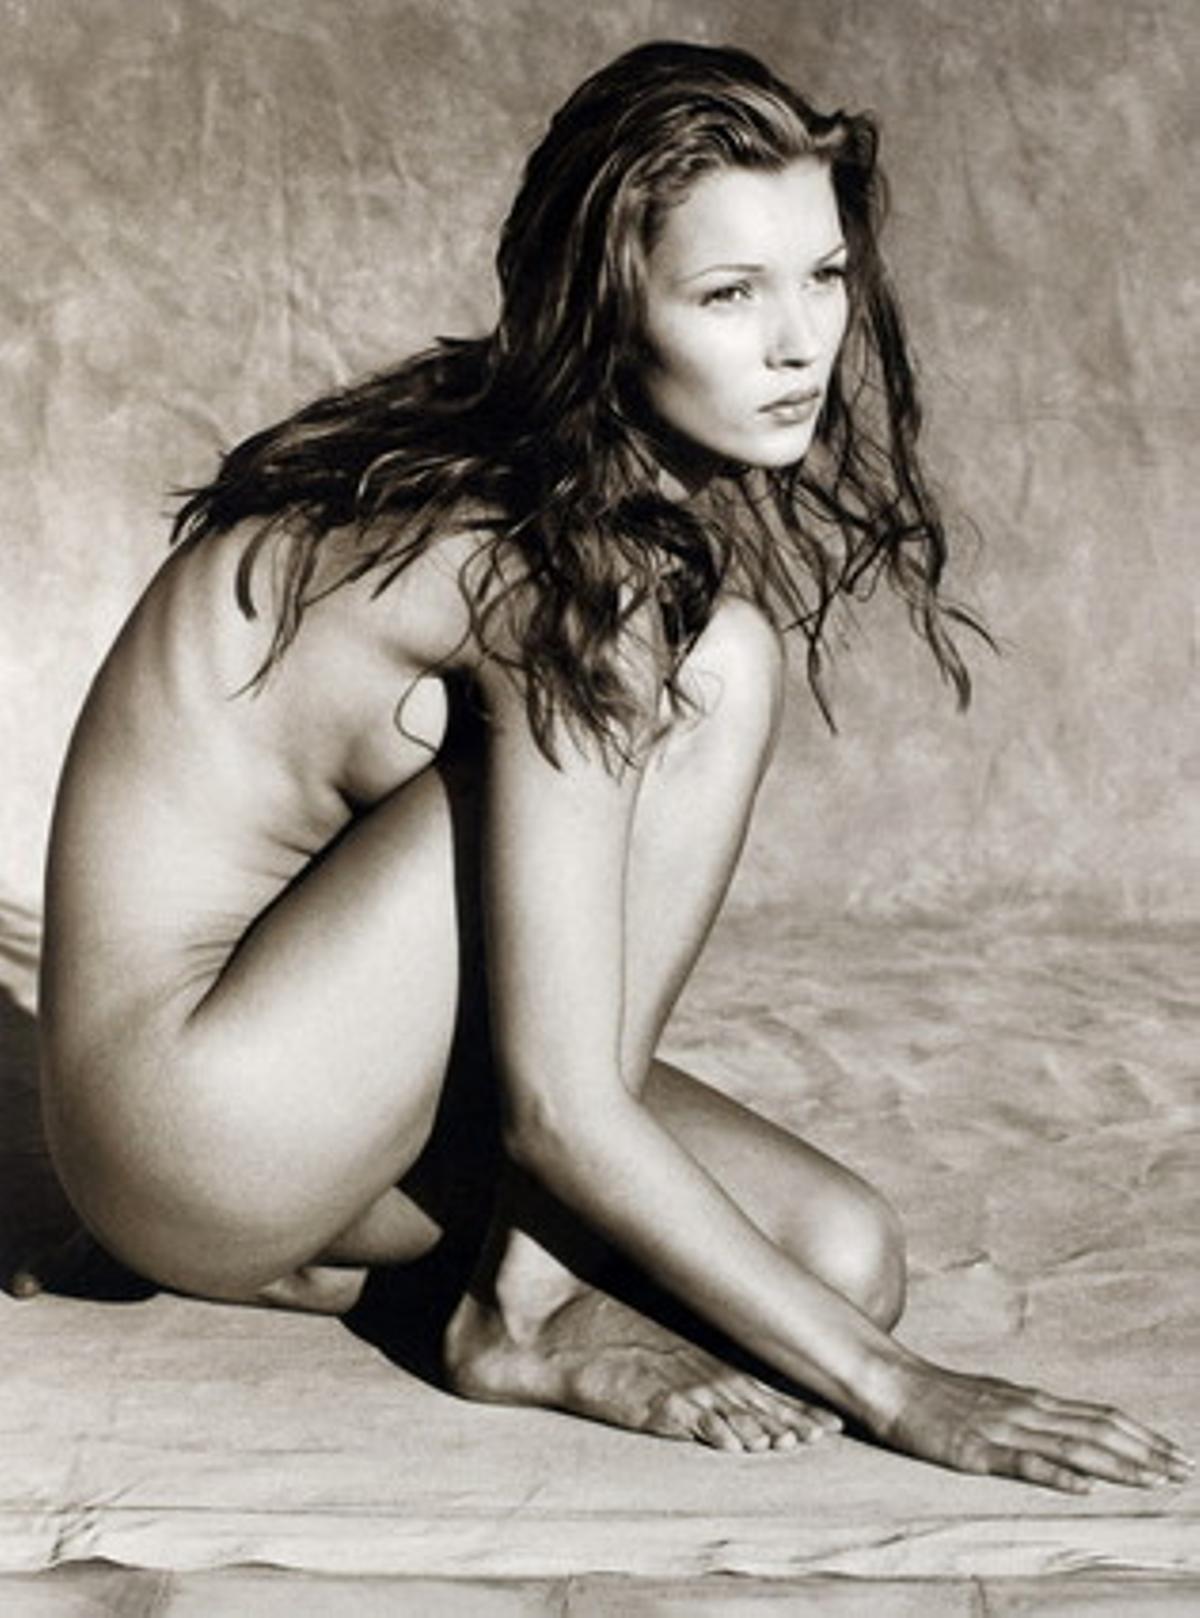 Lafotografía de Albert Watson, en la que aparece Kate Moss desnuda y agachada, que se ha vendidoeste jueves por16.250 libras (18.964 euros, 25.677 dólares), en la subasta de casa de subastas Bonhams.